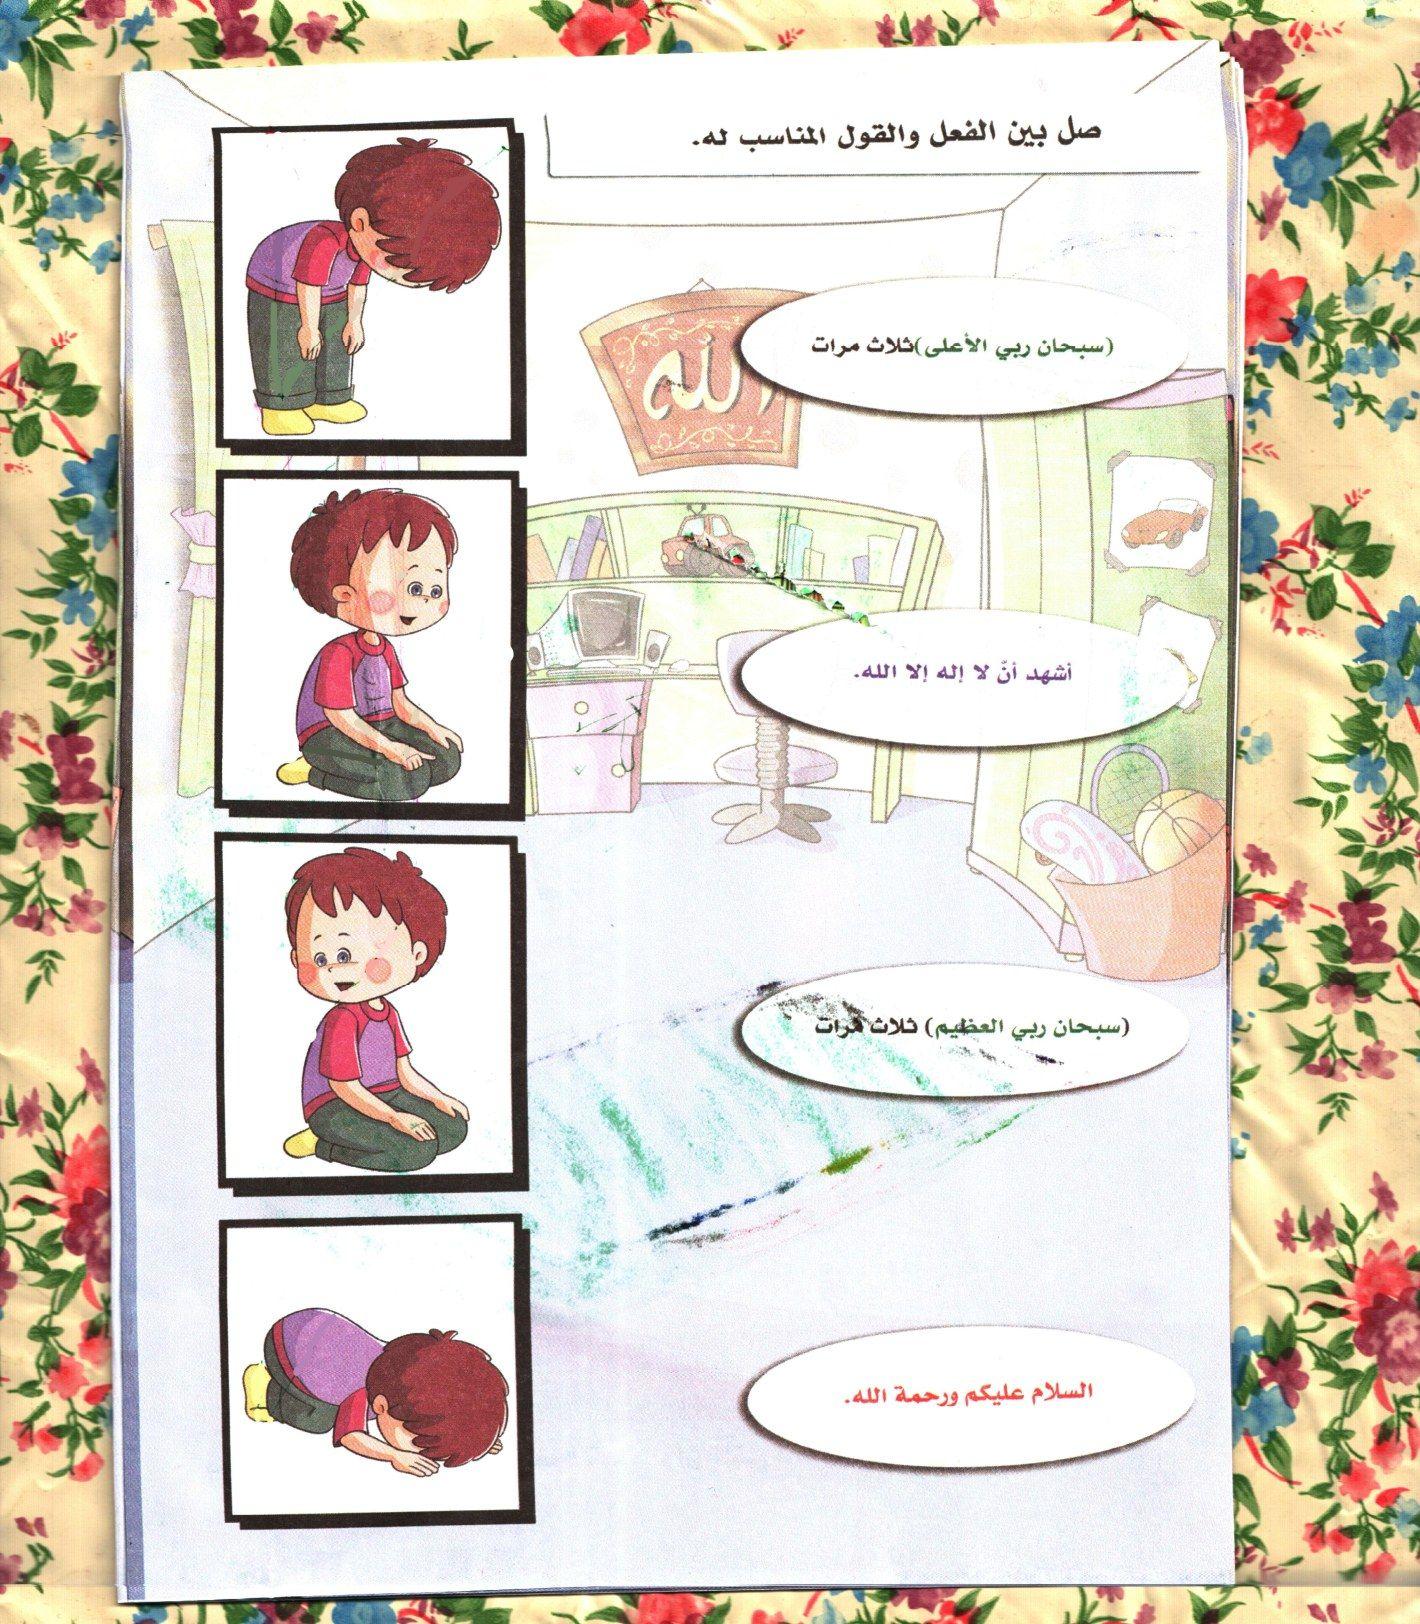 دوس نموذجي لتعليم الاطفال في مرحله الطفوله المبكره الصلاه Art Islam Hadith Comics